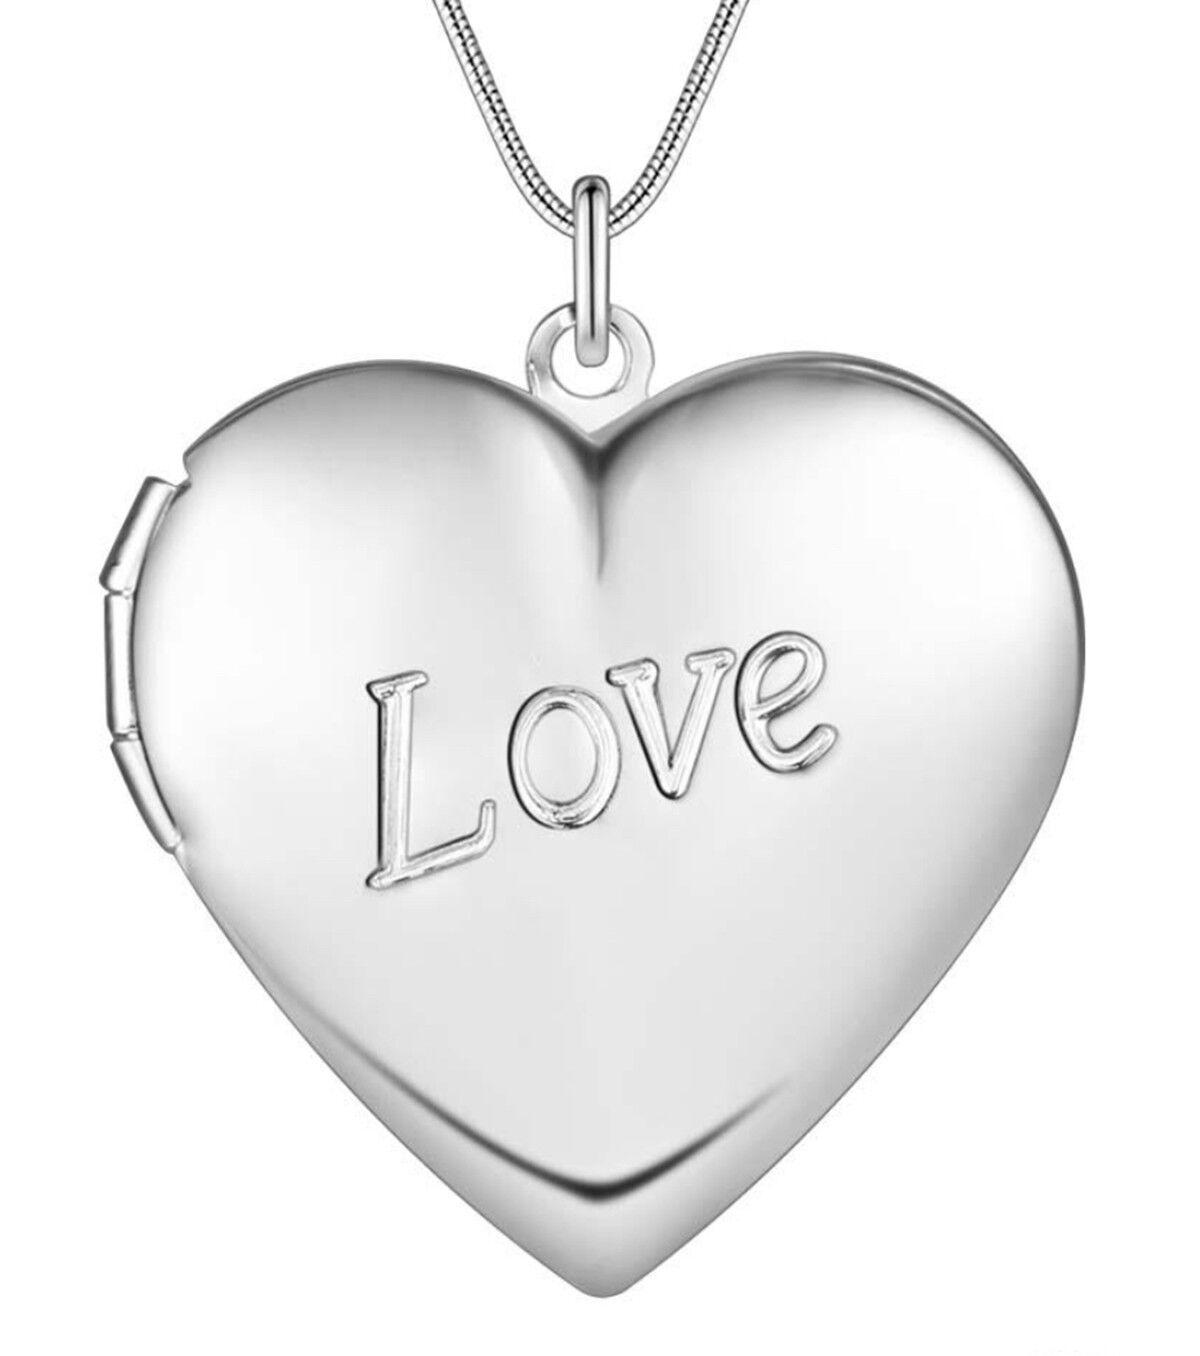 053 Damen Halskette mit Herz Medaillon Anhänger zum Öffnen 925 Silber Pl Love